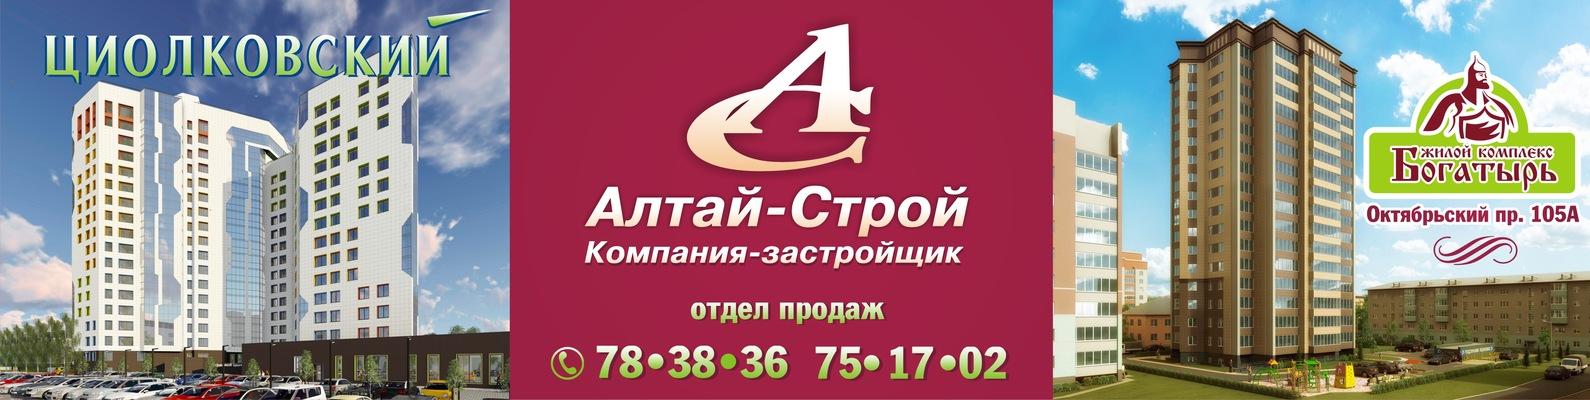 a500ecab8 Алтай-Строй | Киров | ВКонтакте